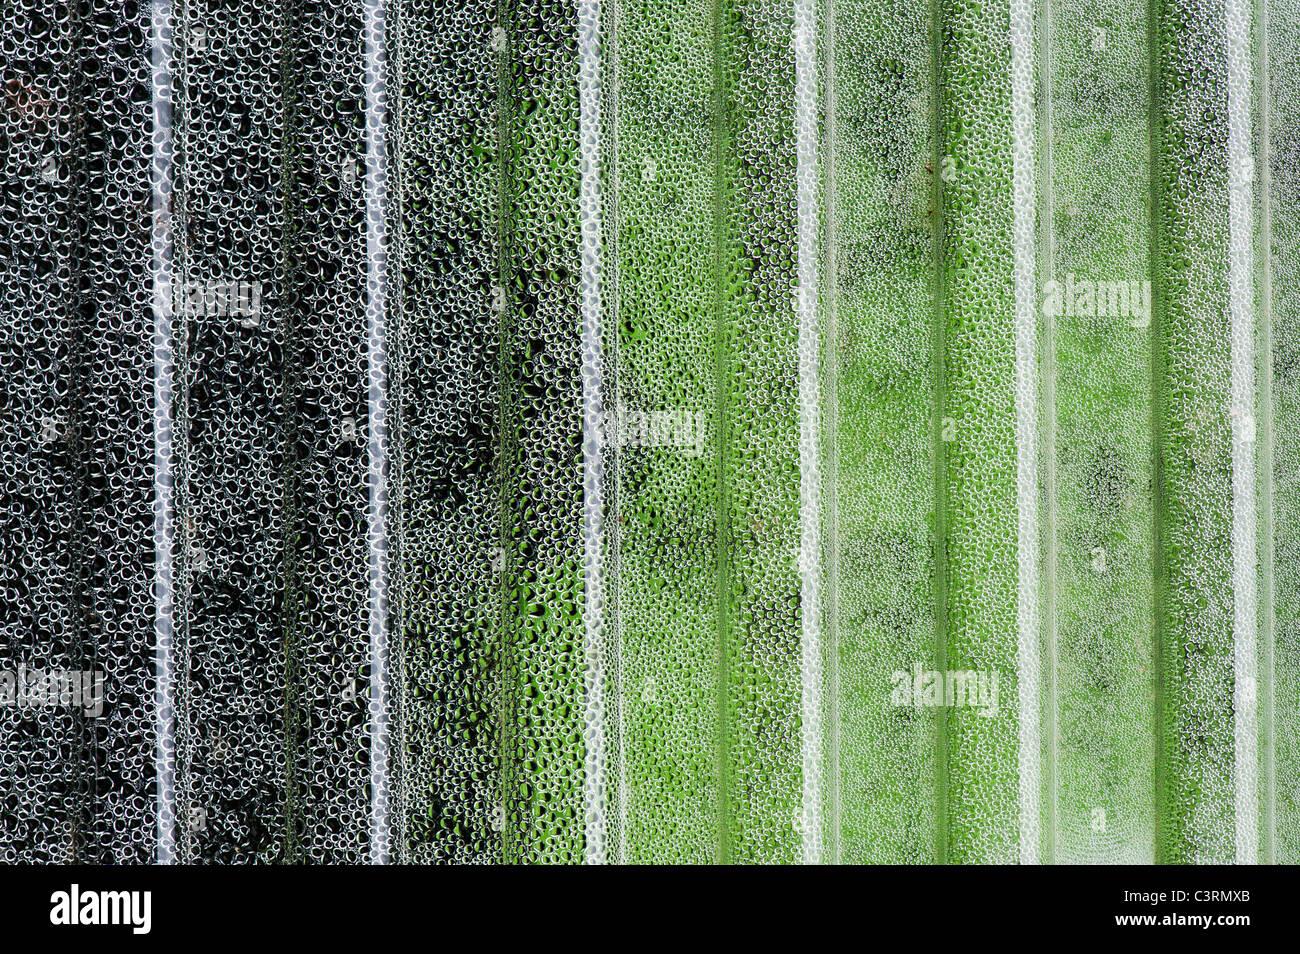 La condensation sur une feuille de plastique ondulé couvrant les semis de légumes Photo Stock